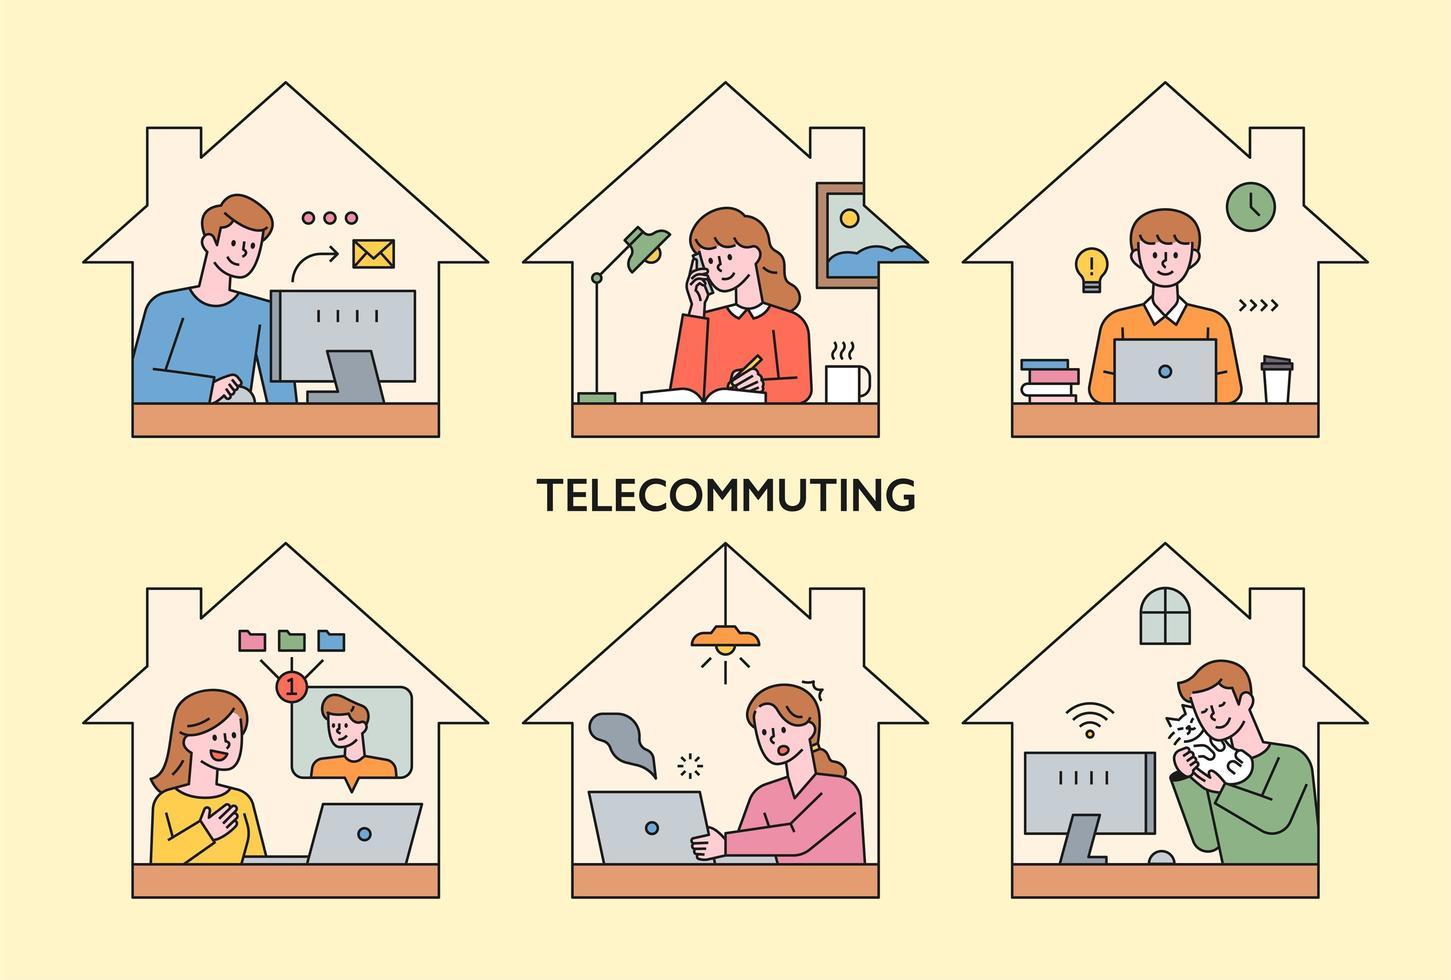 människor arbetar hemma via telekom. vektor